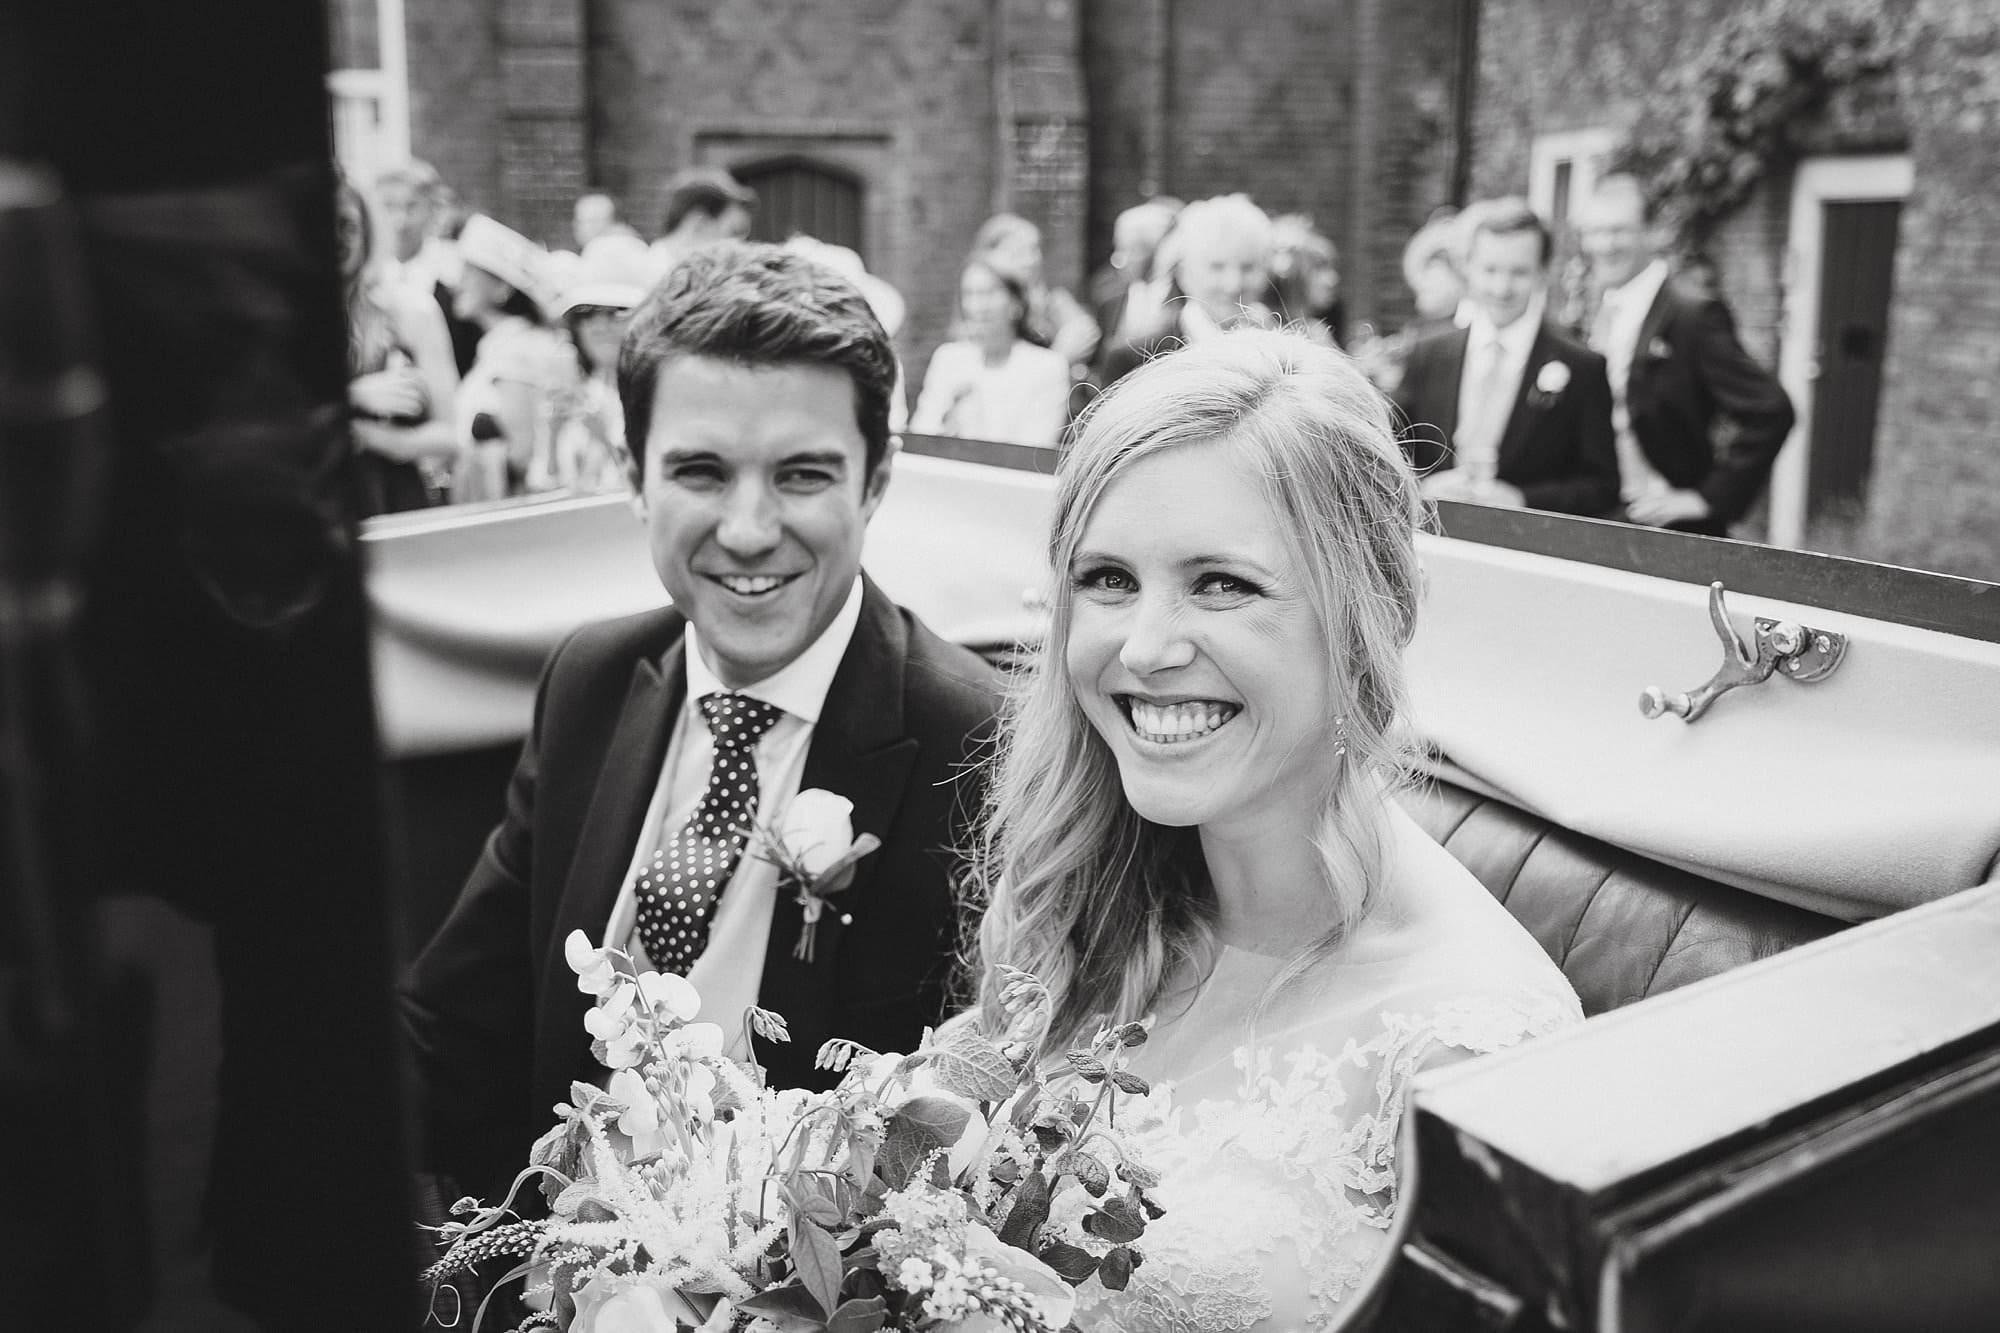 fulham palace wedding photographer 052 - Rosanna & Duncan's Fulham Palace Wedding